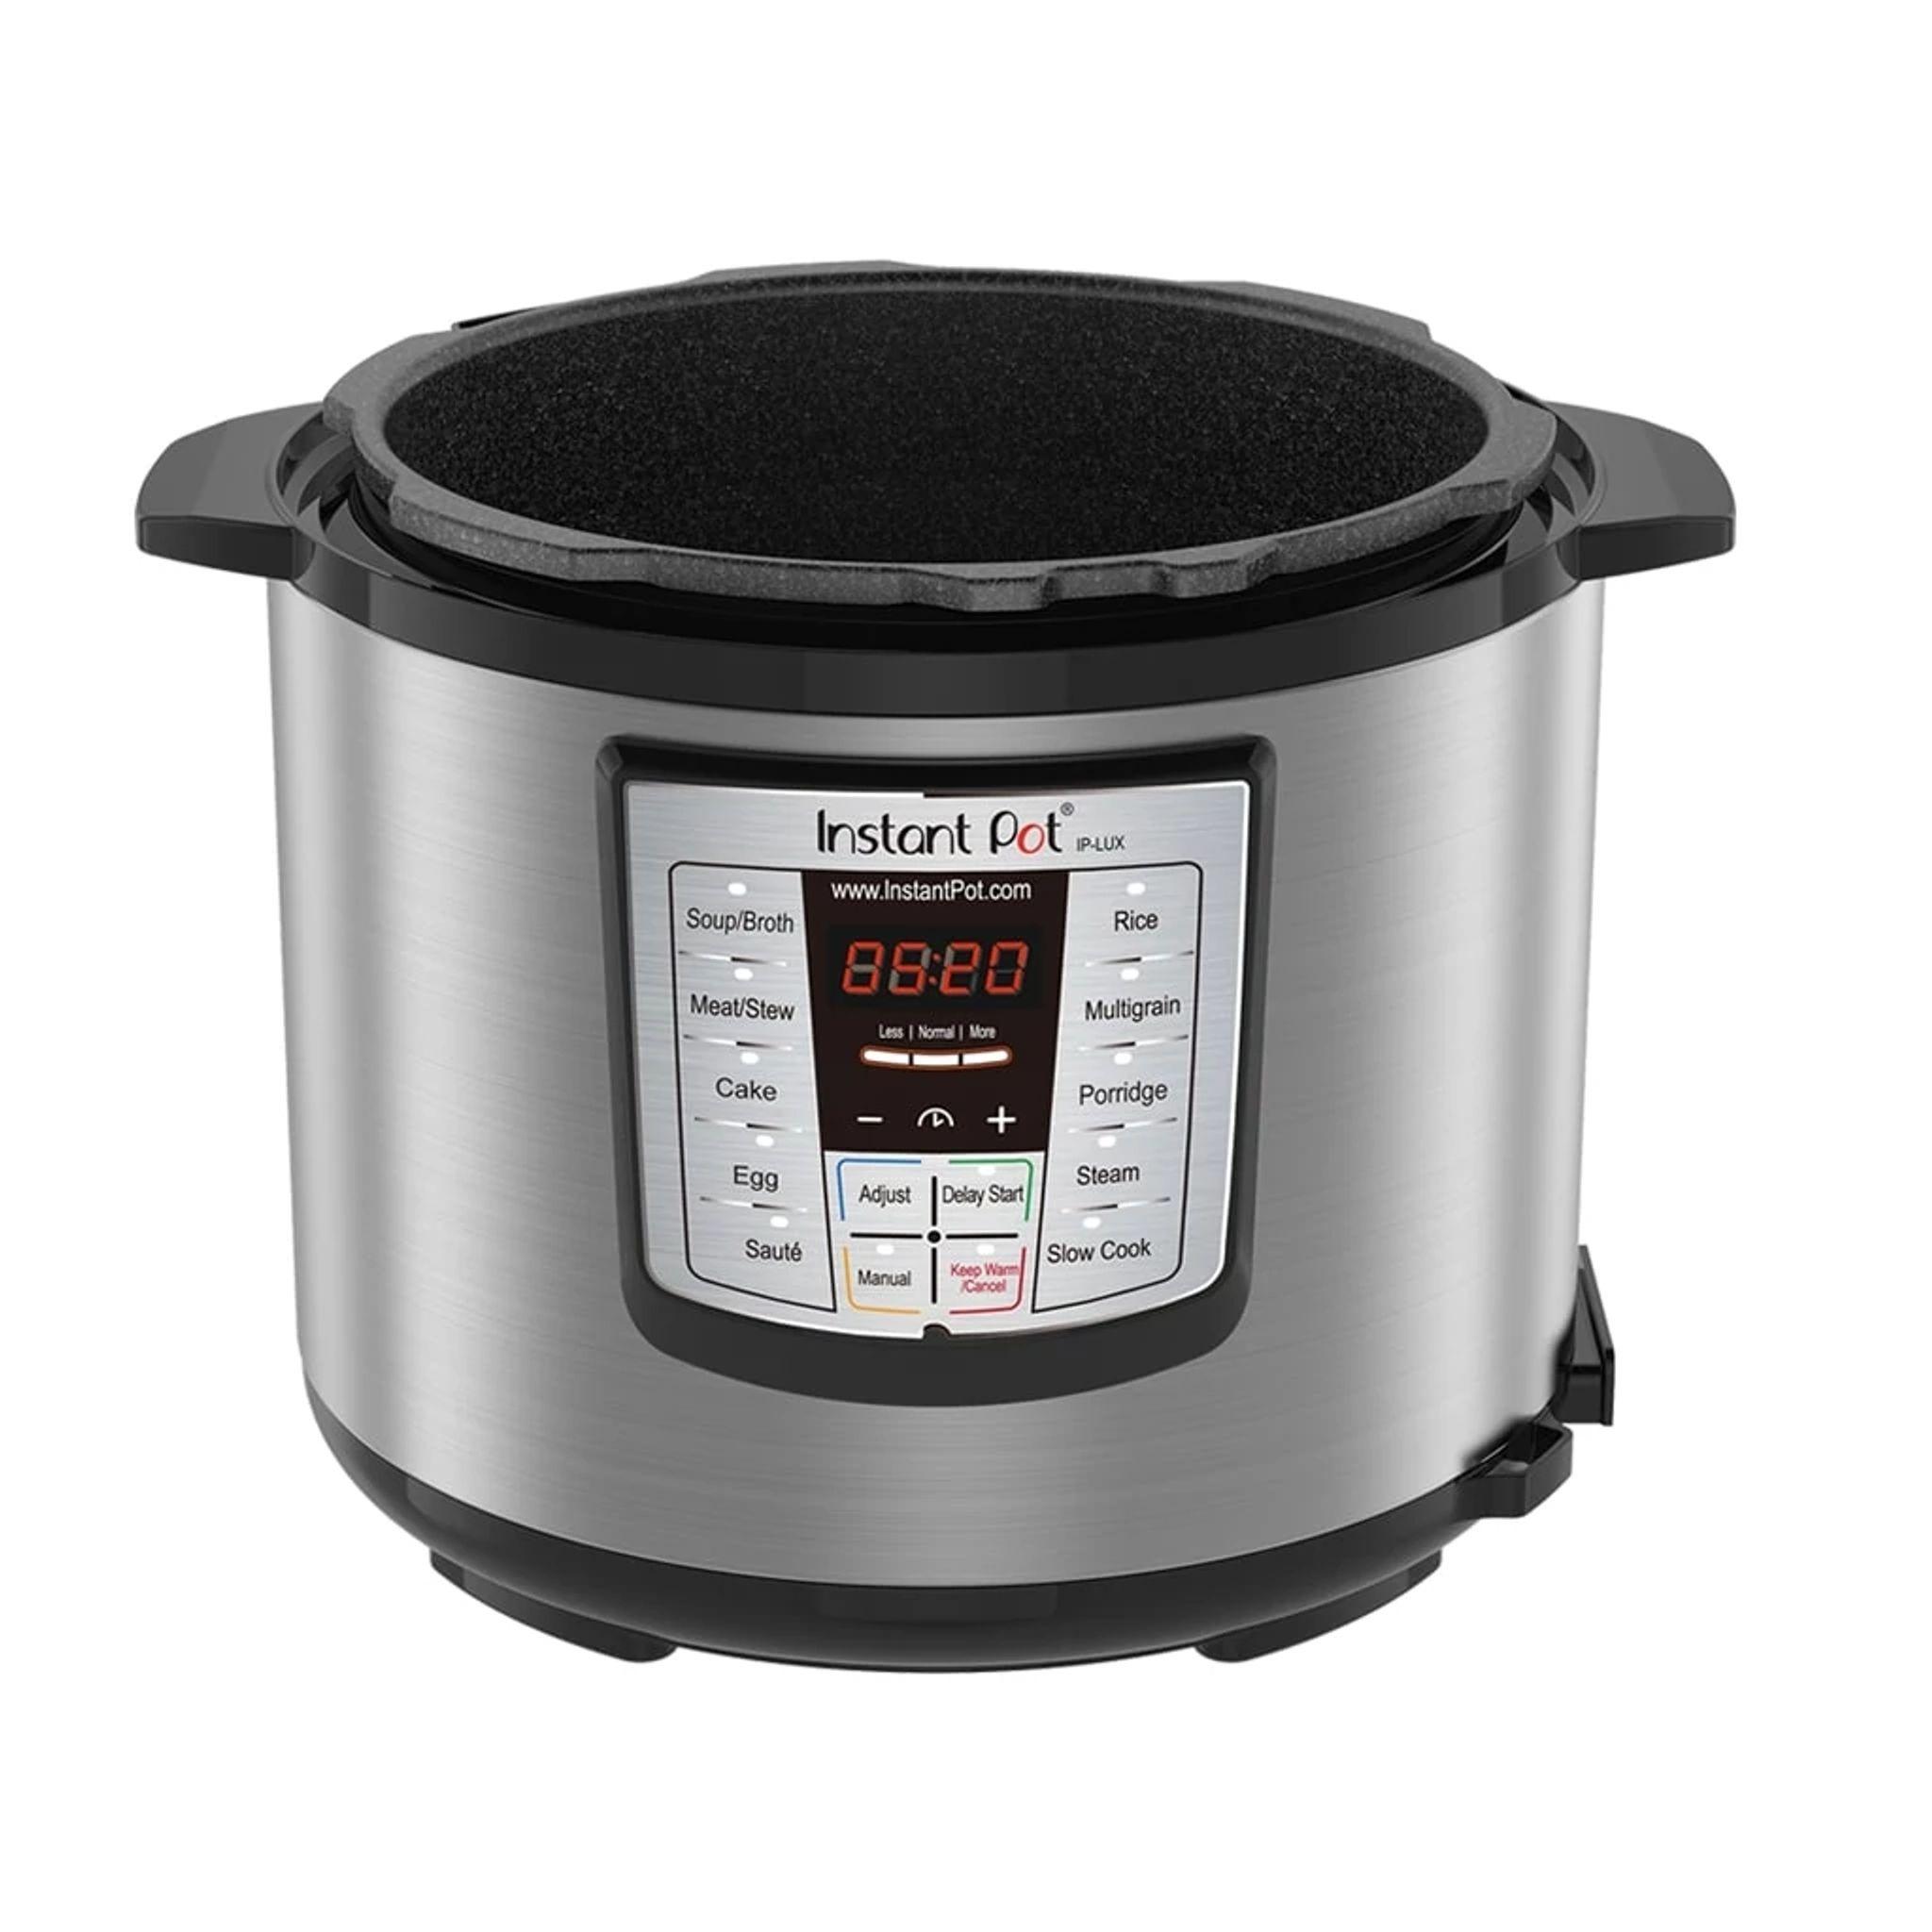 Instant Pot Lux 6-quart Base